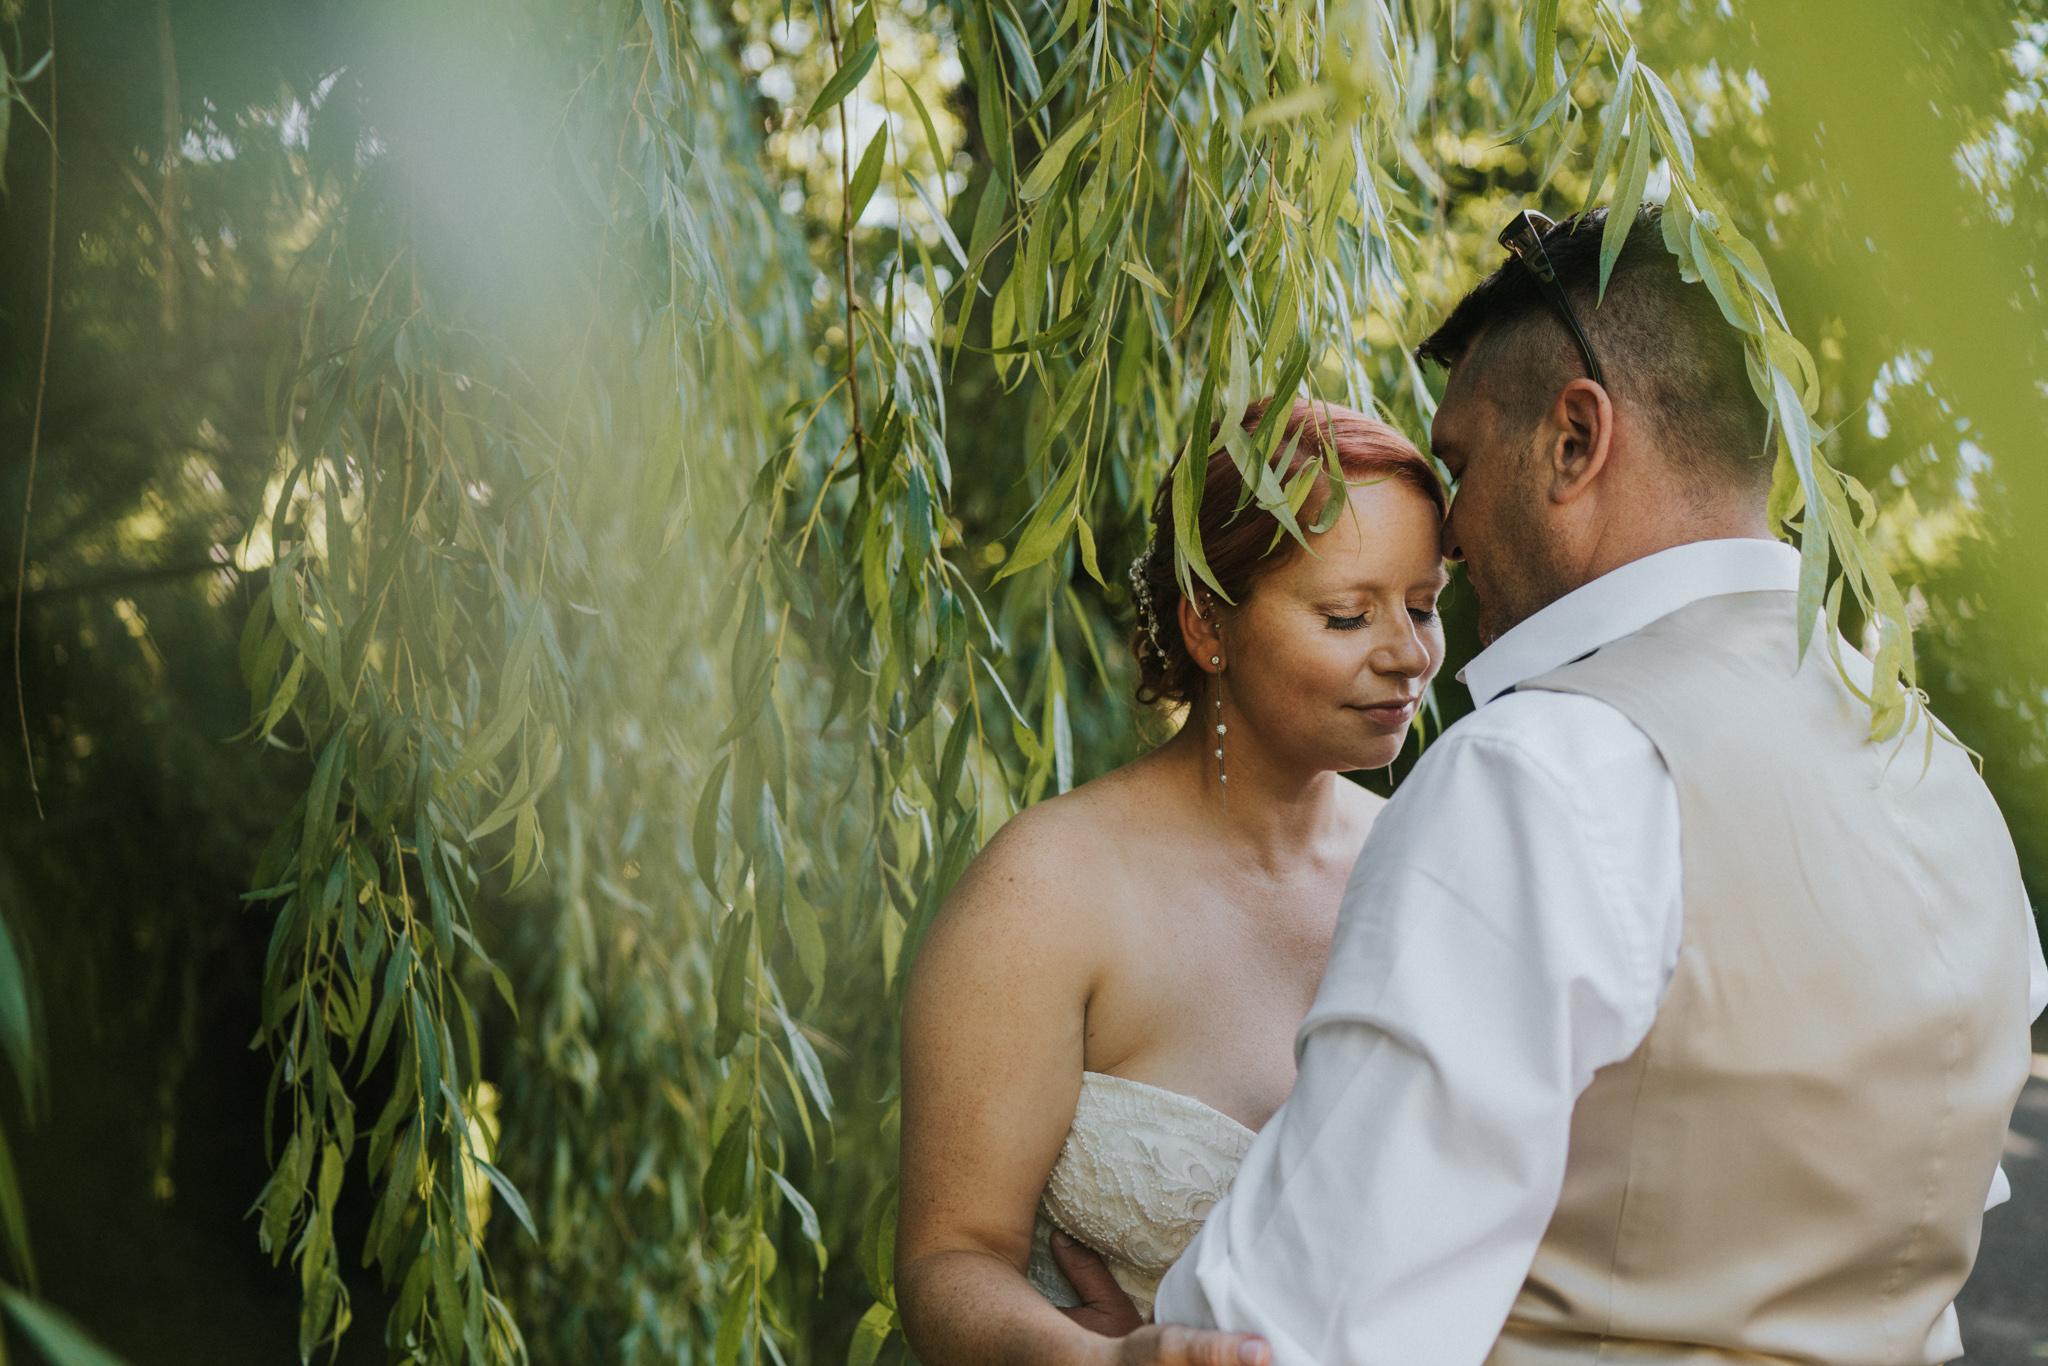 steph-neil-red-brick-barn-rochford-wedding-grace-elizabeth-colchester-essex-alternative-wedding-photographer-essex-suffolk-norfolk-devon (1 of 1).jpg